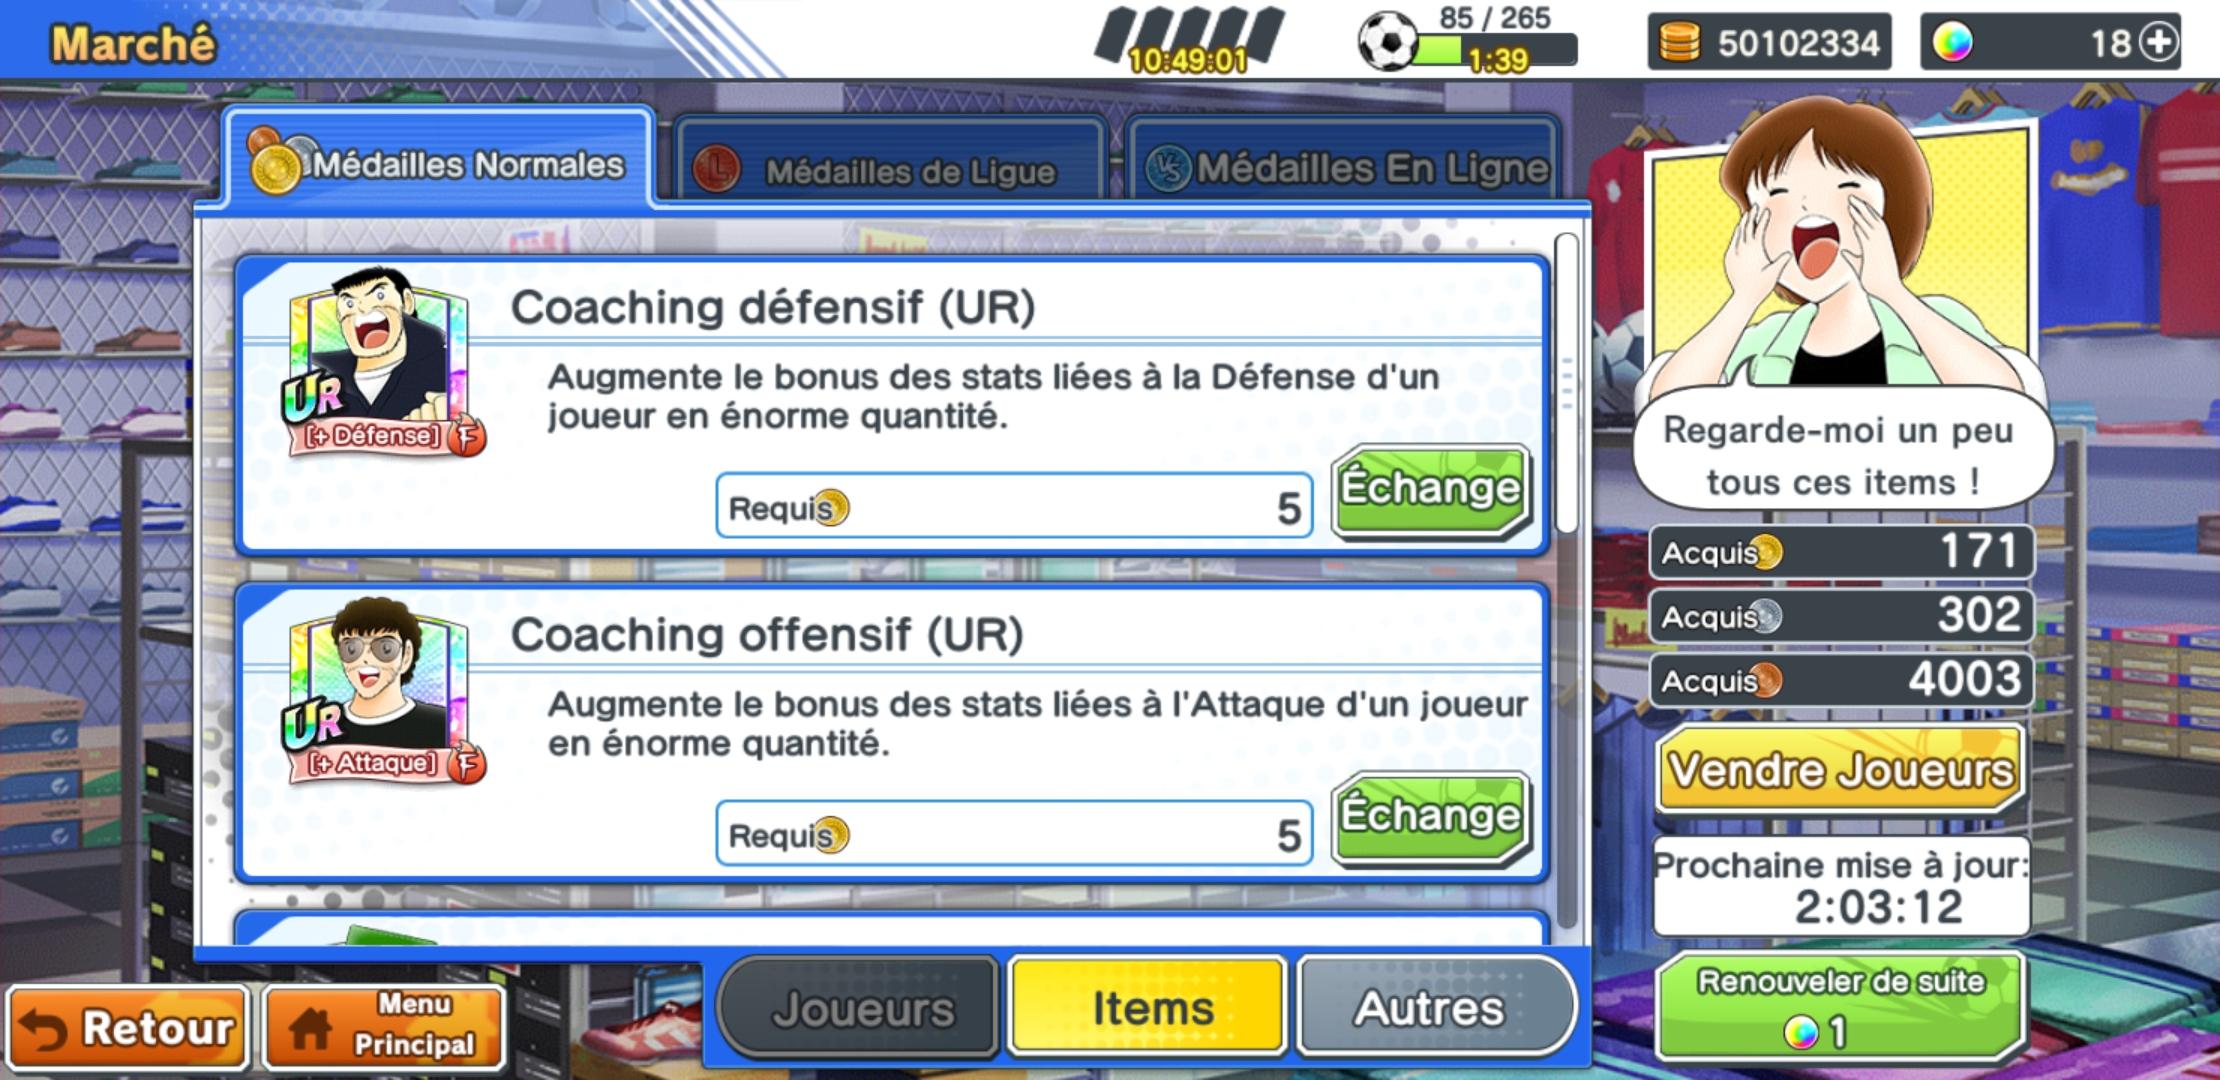 Captain Tsubasa: Dream Team - Un Jeu Mobile Dans L'univers tout Puissance 4 En Ligne Gratuit Contre Autre Joueur